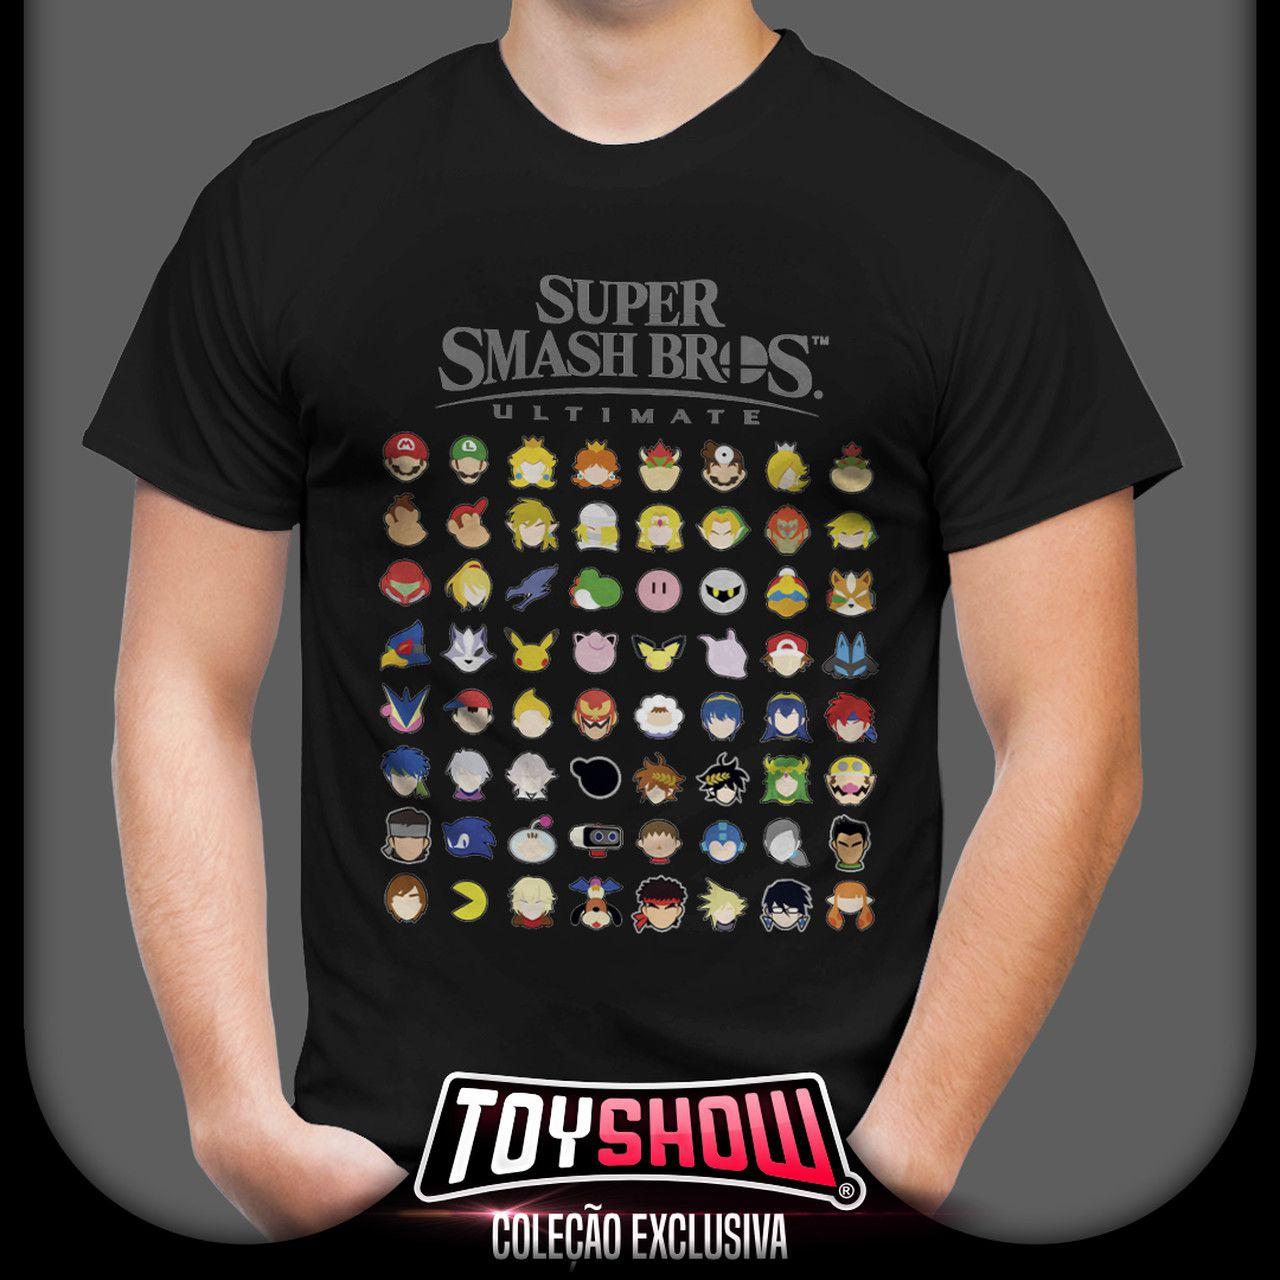 Camiseta Unissex Smash Bros Ultimate: Super Mario Bros - Exclusiva Toyshow